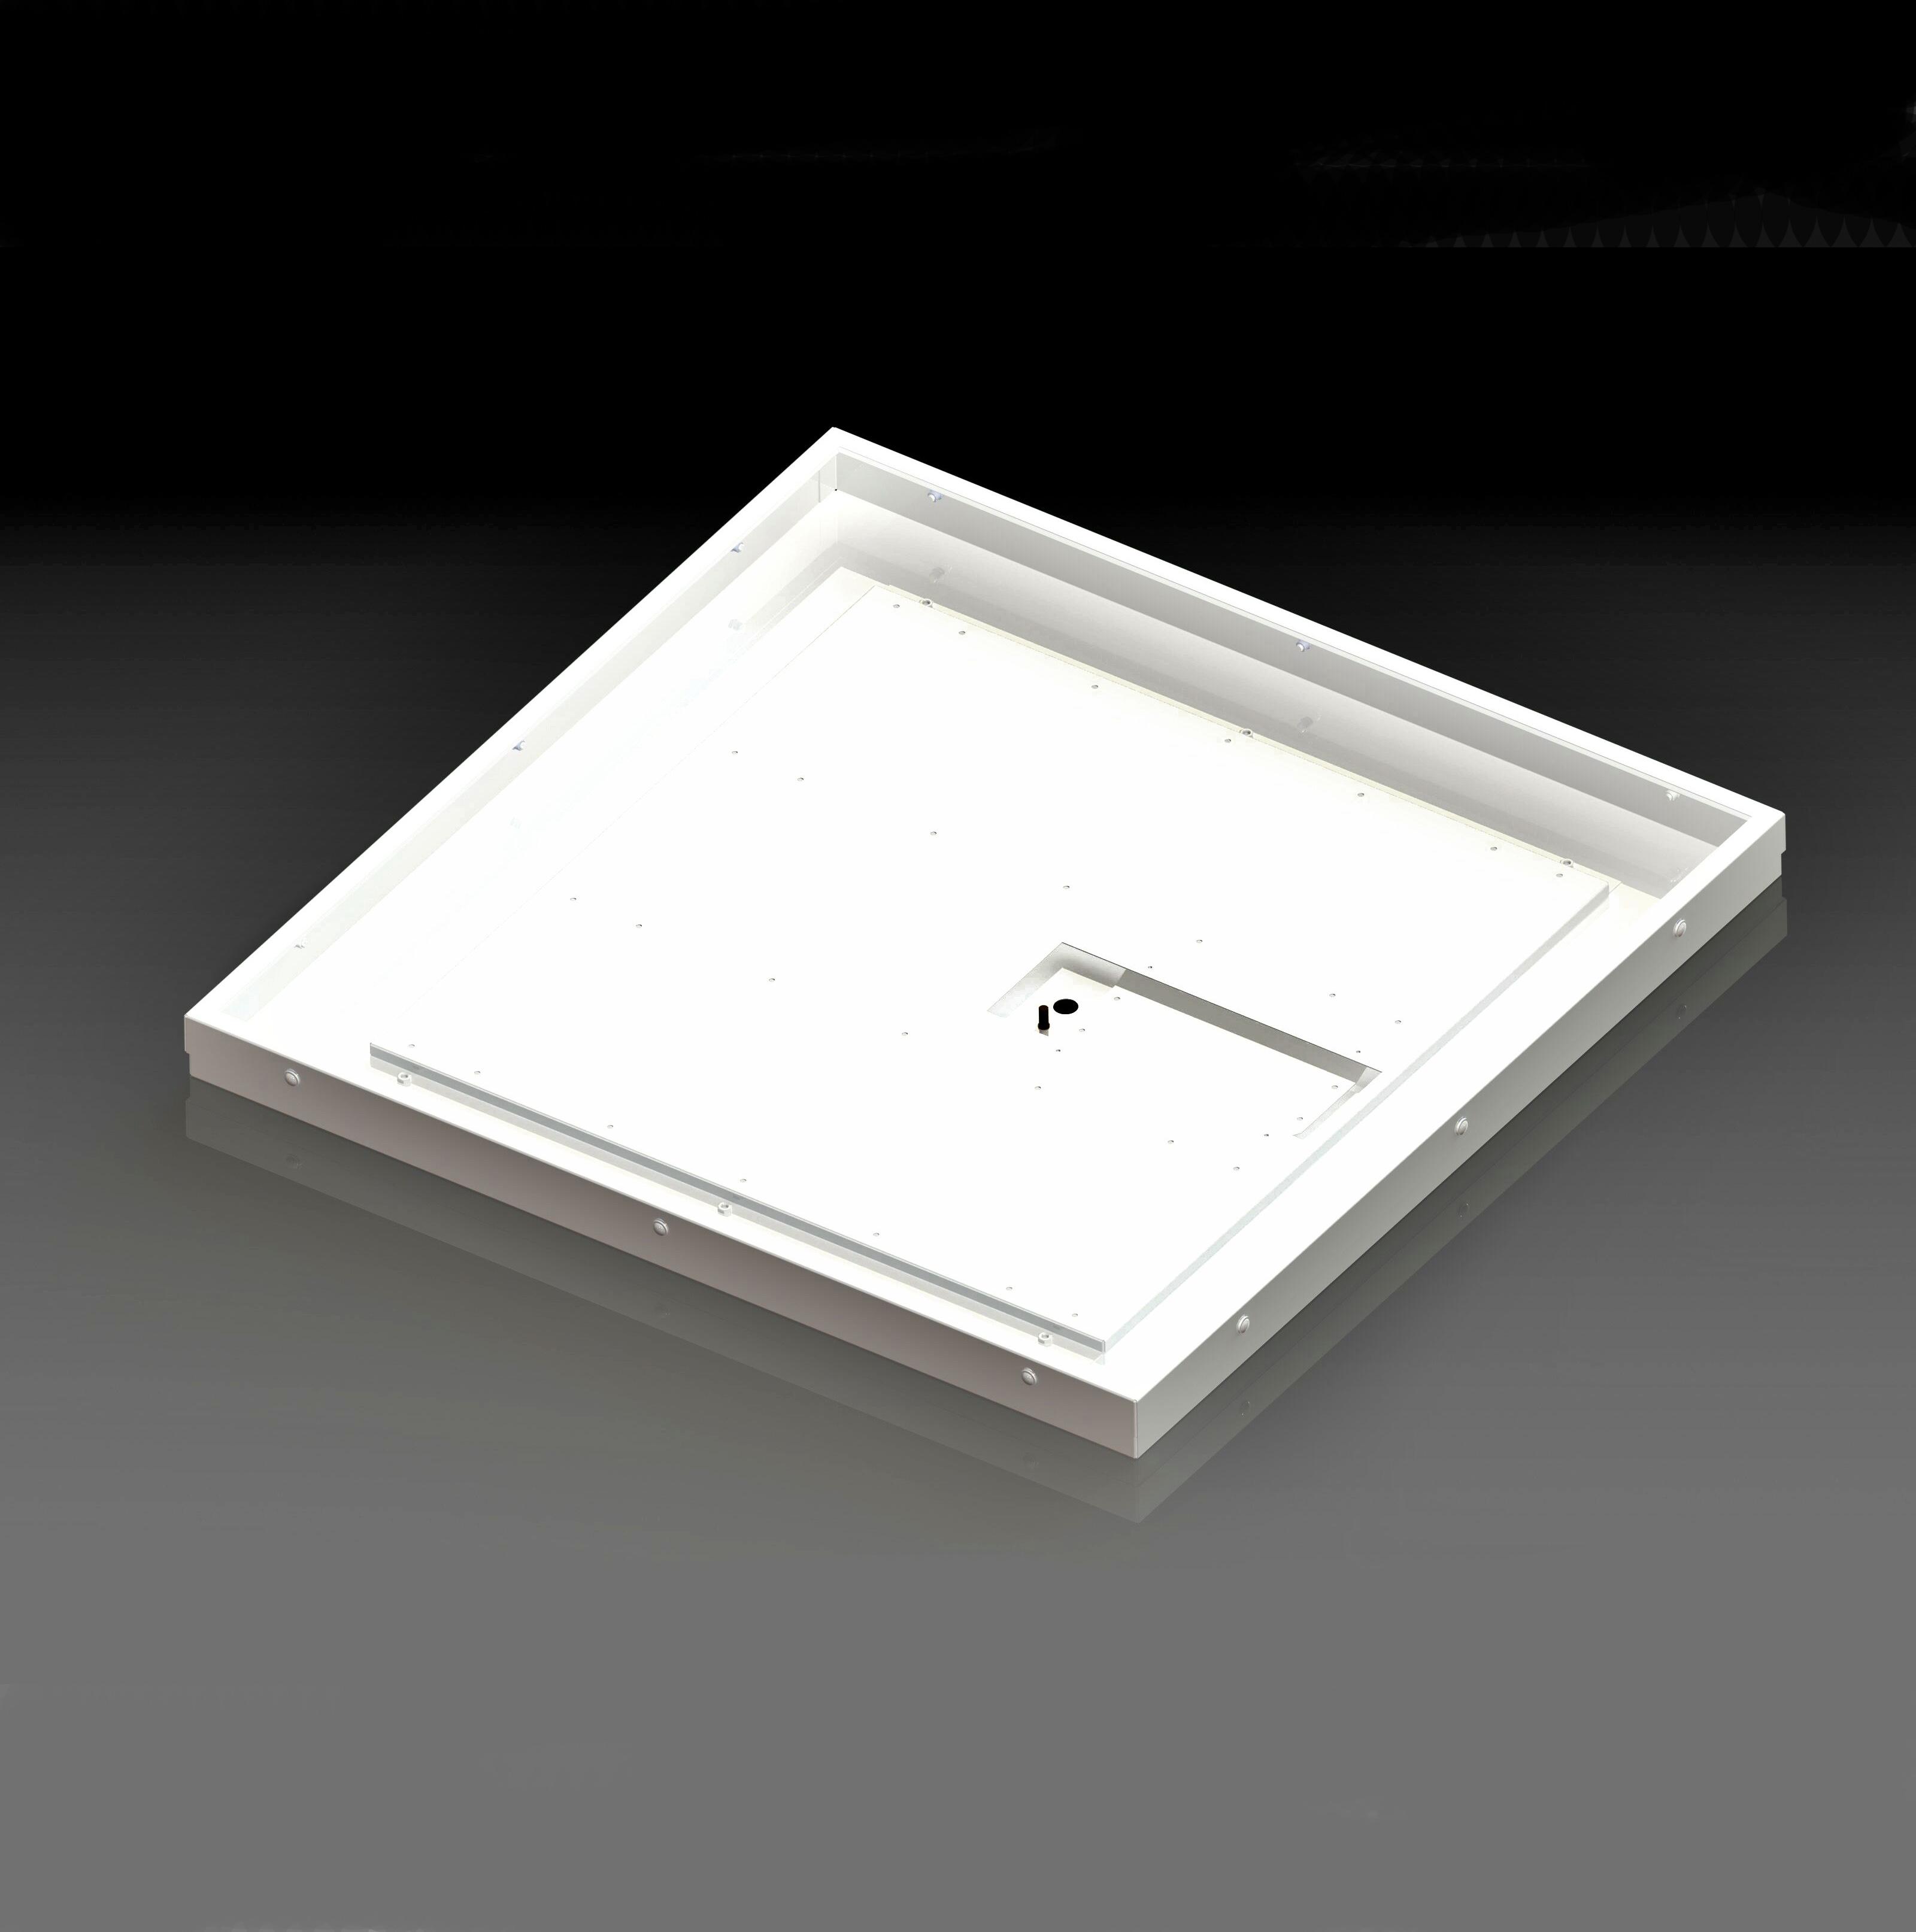 Корпус потолочного светодиодного светильника ФОРСАЖ-АРМСТРОНГ-пылевлагозащищенный